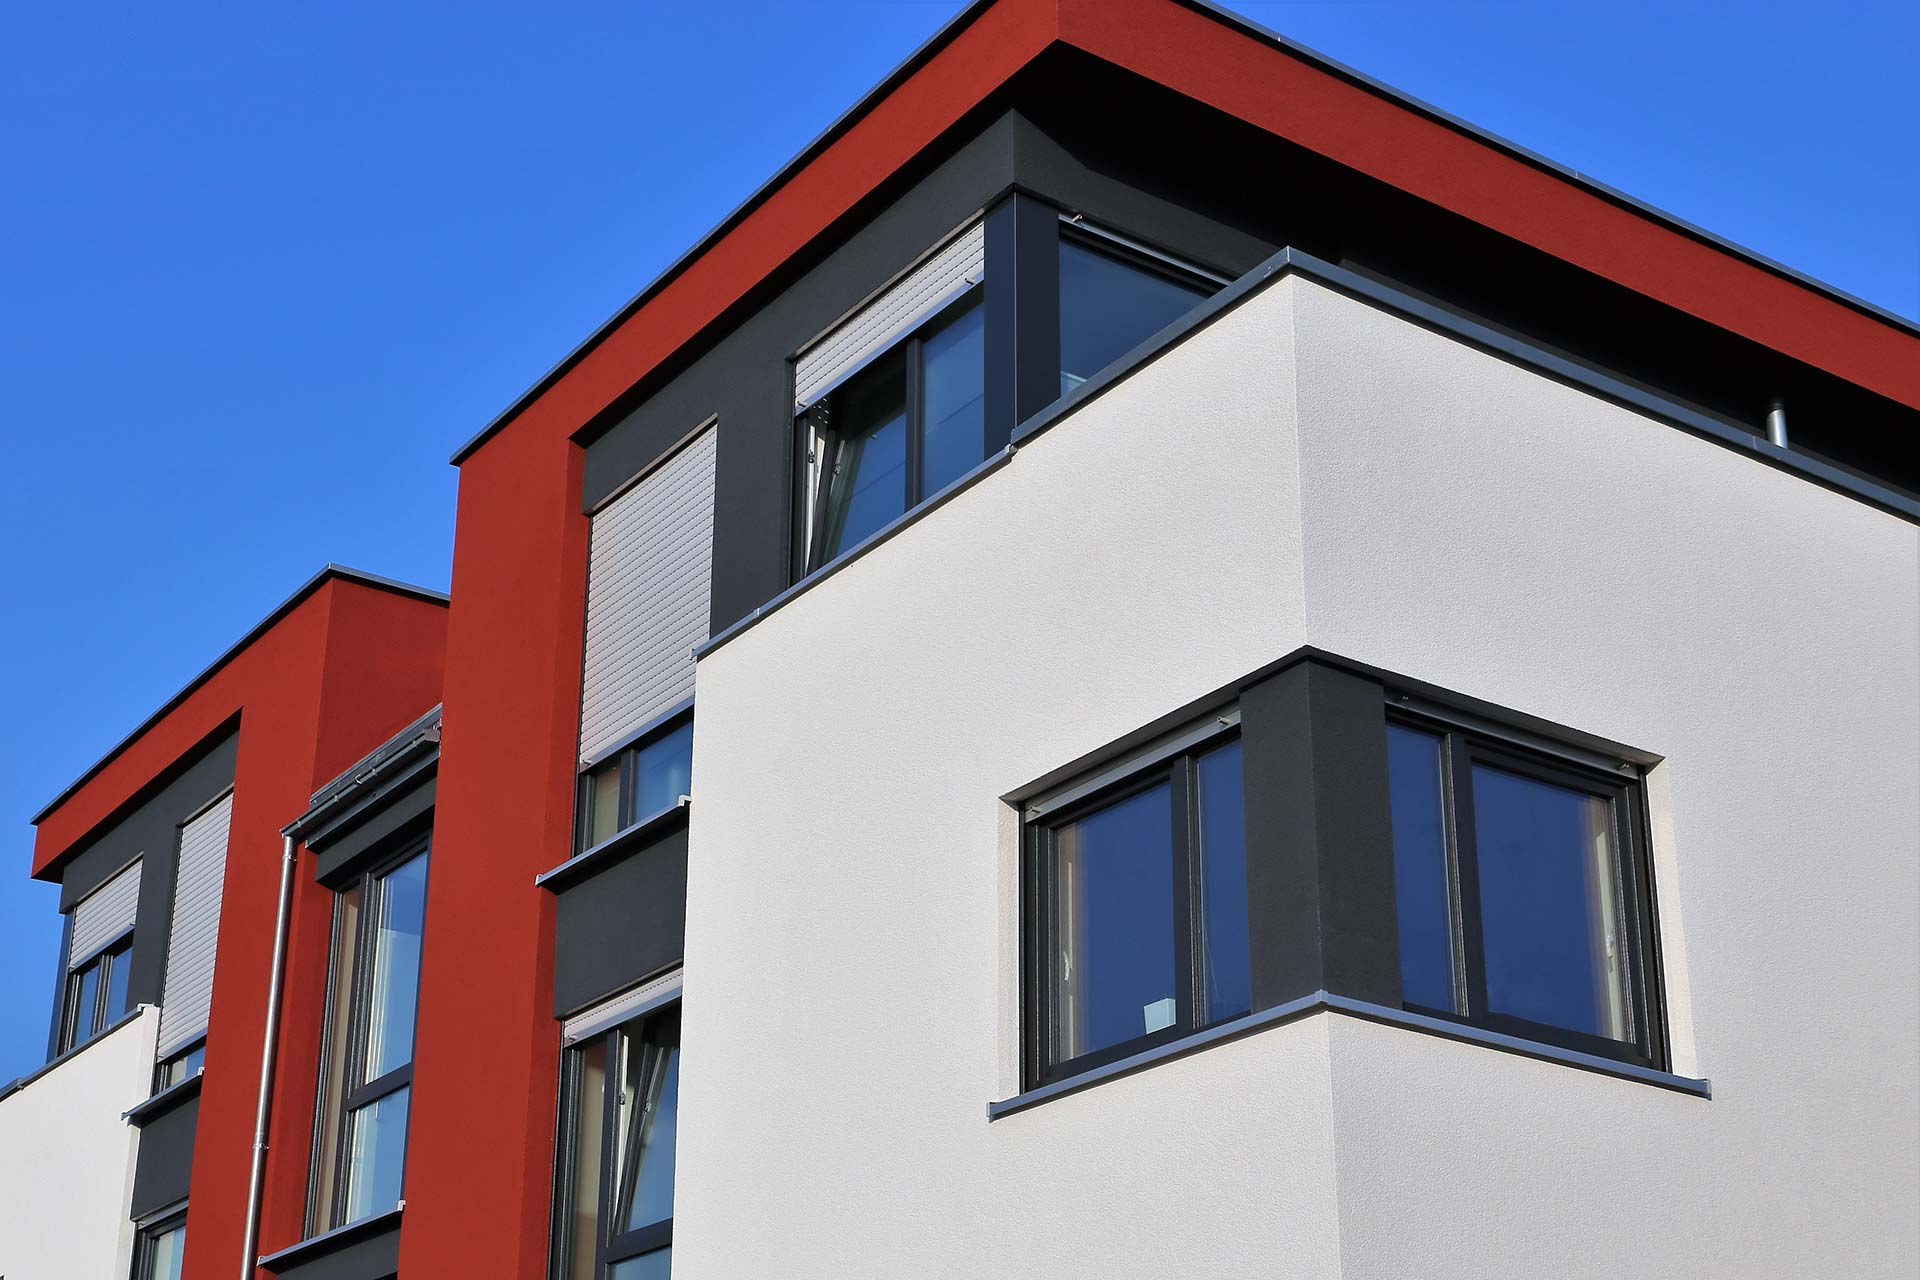 Malerarbeiten und Lackierarbeiten - Wohnhaus mit modernem Fassadenanstrich